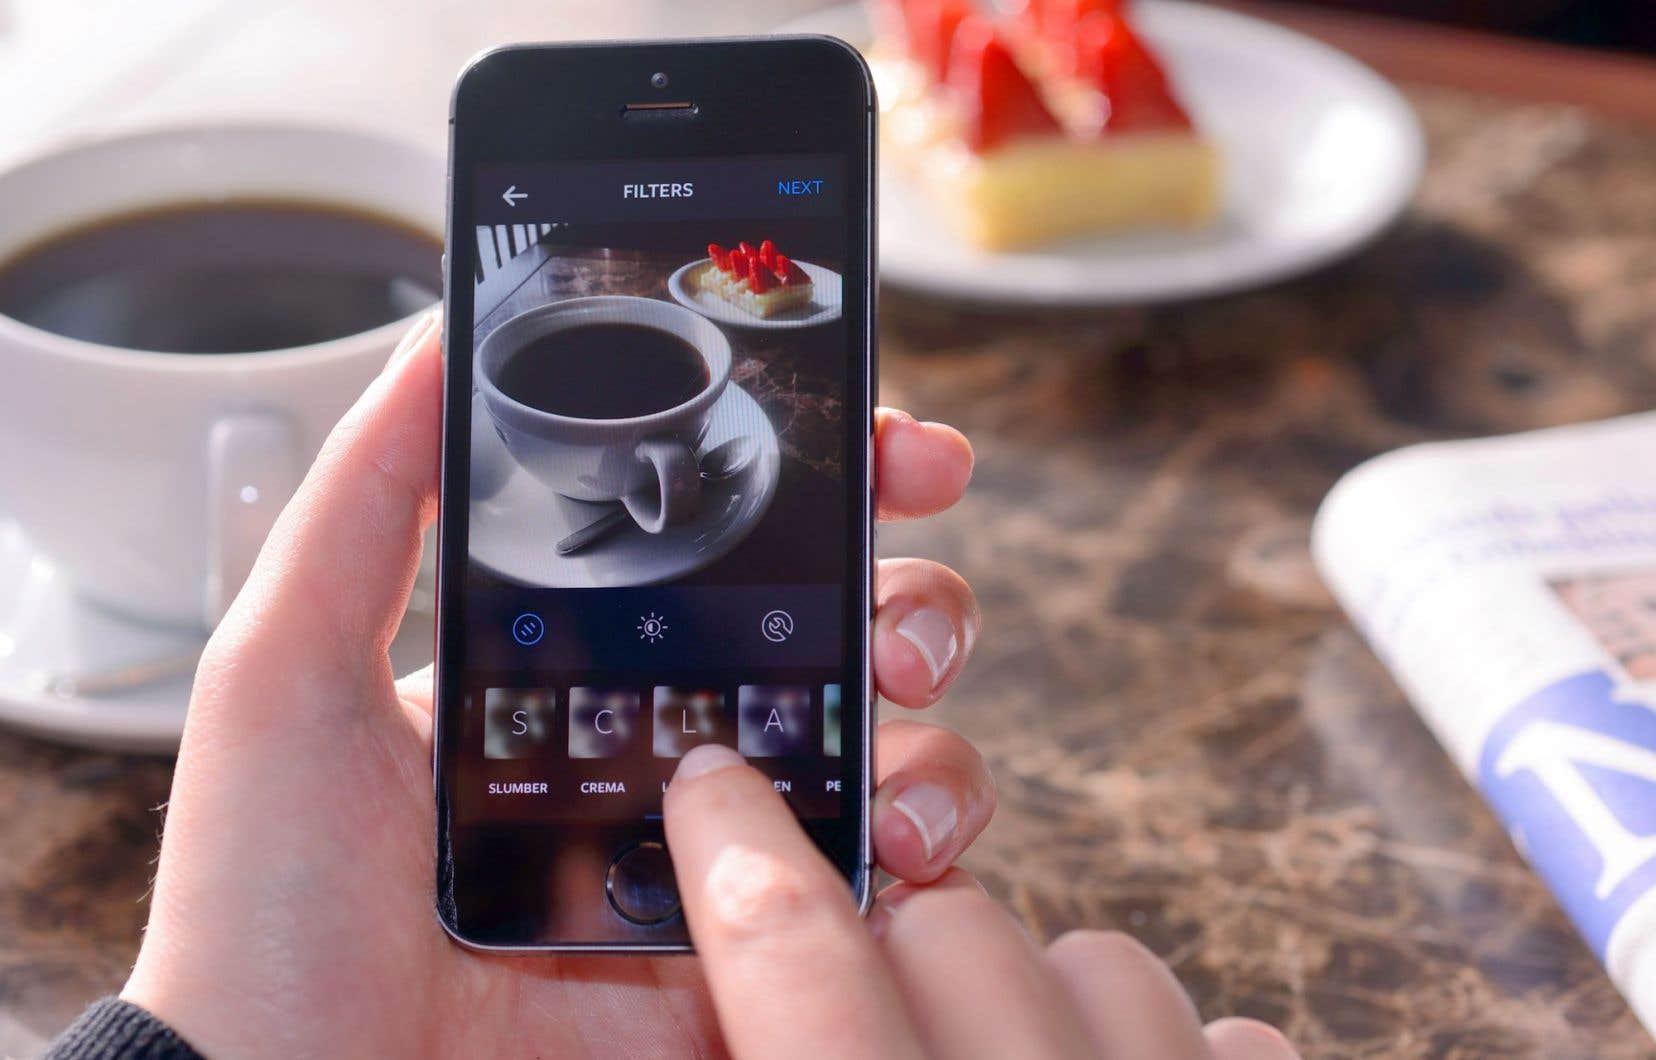 Selon Camille Trudelle, chercheuse en communication, le profil type de l'utilisateur d'Instagram intéressé par l'alimentation est une jeune femme avec un niveau de scolarité élevé.